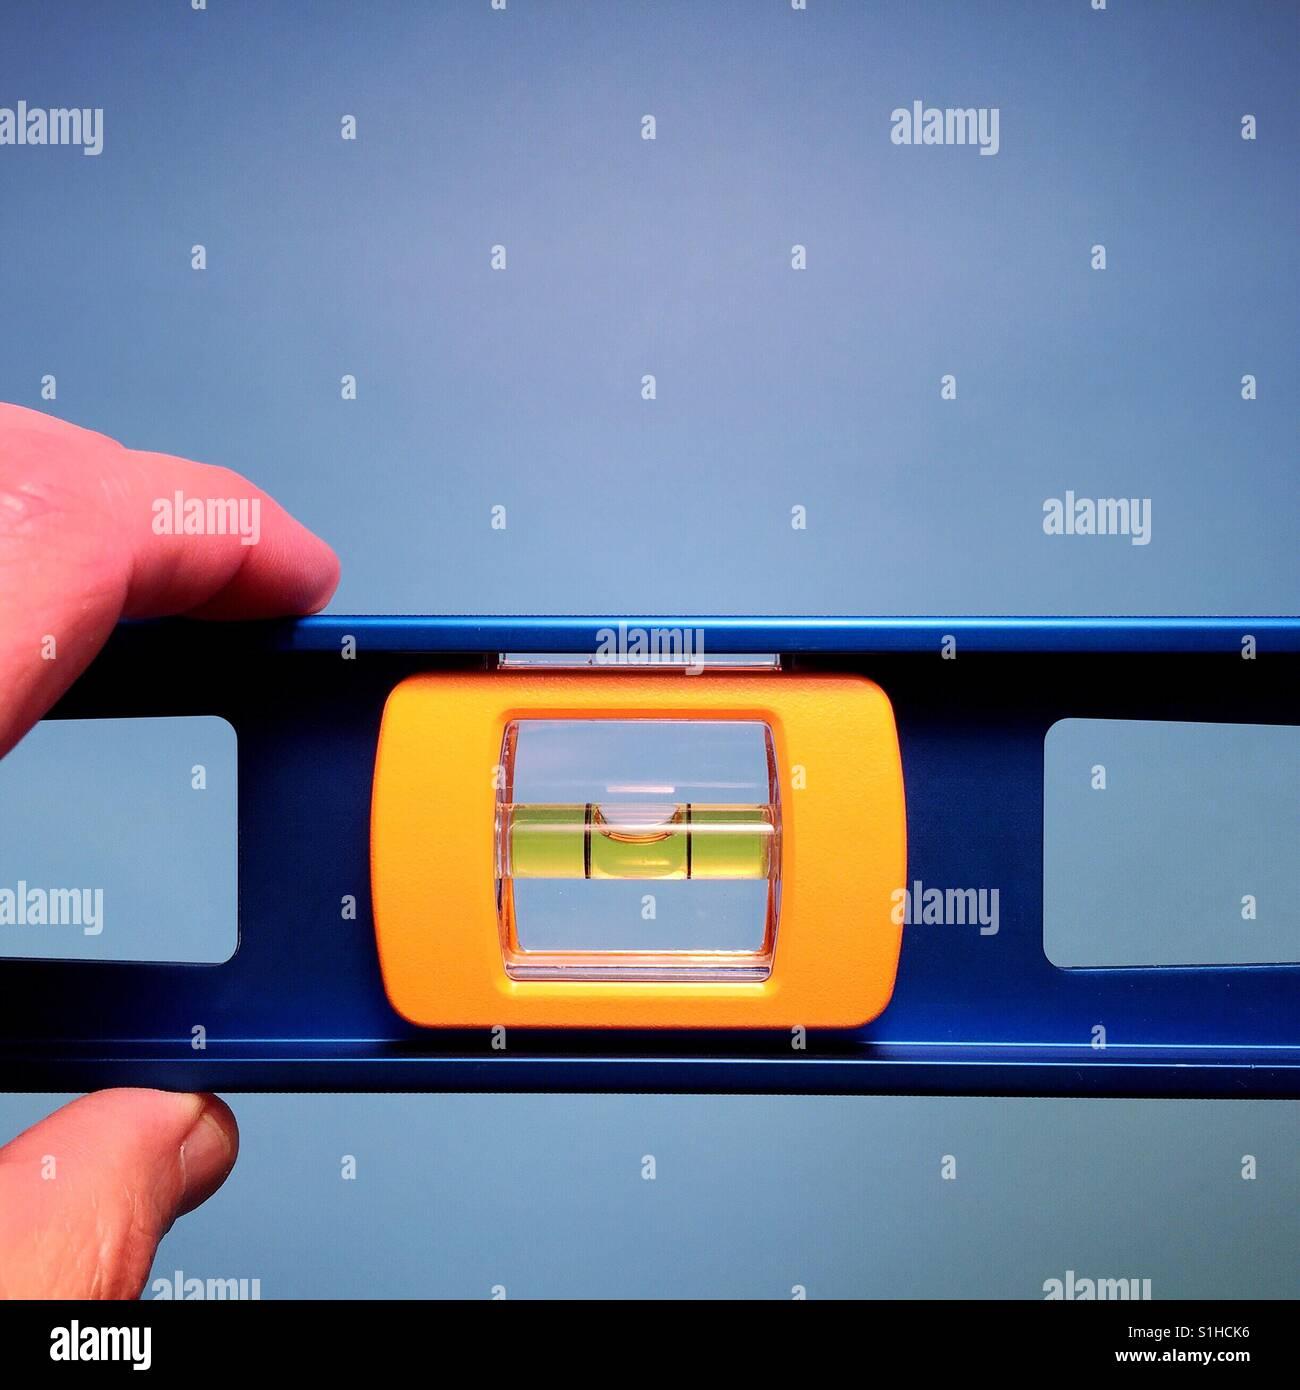 Eine Nahaufnahme eines Mannes mit einer Wasserwaage auf blauem Grund Stockbild